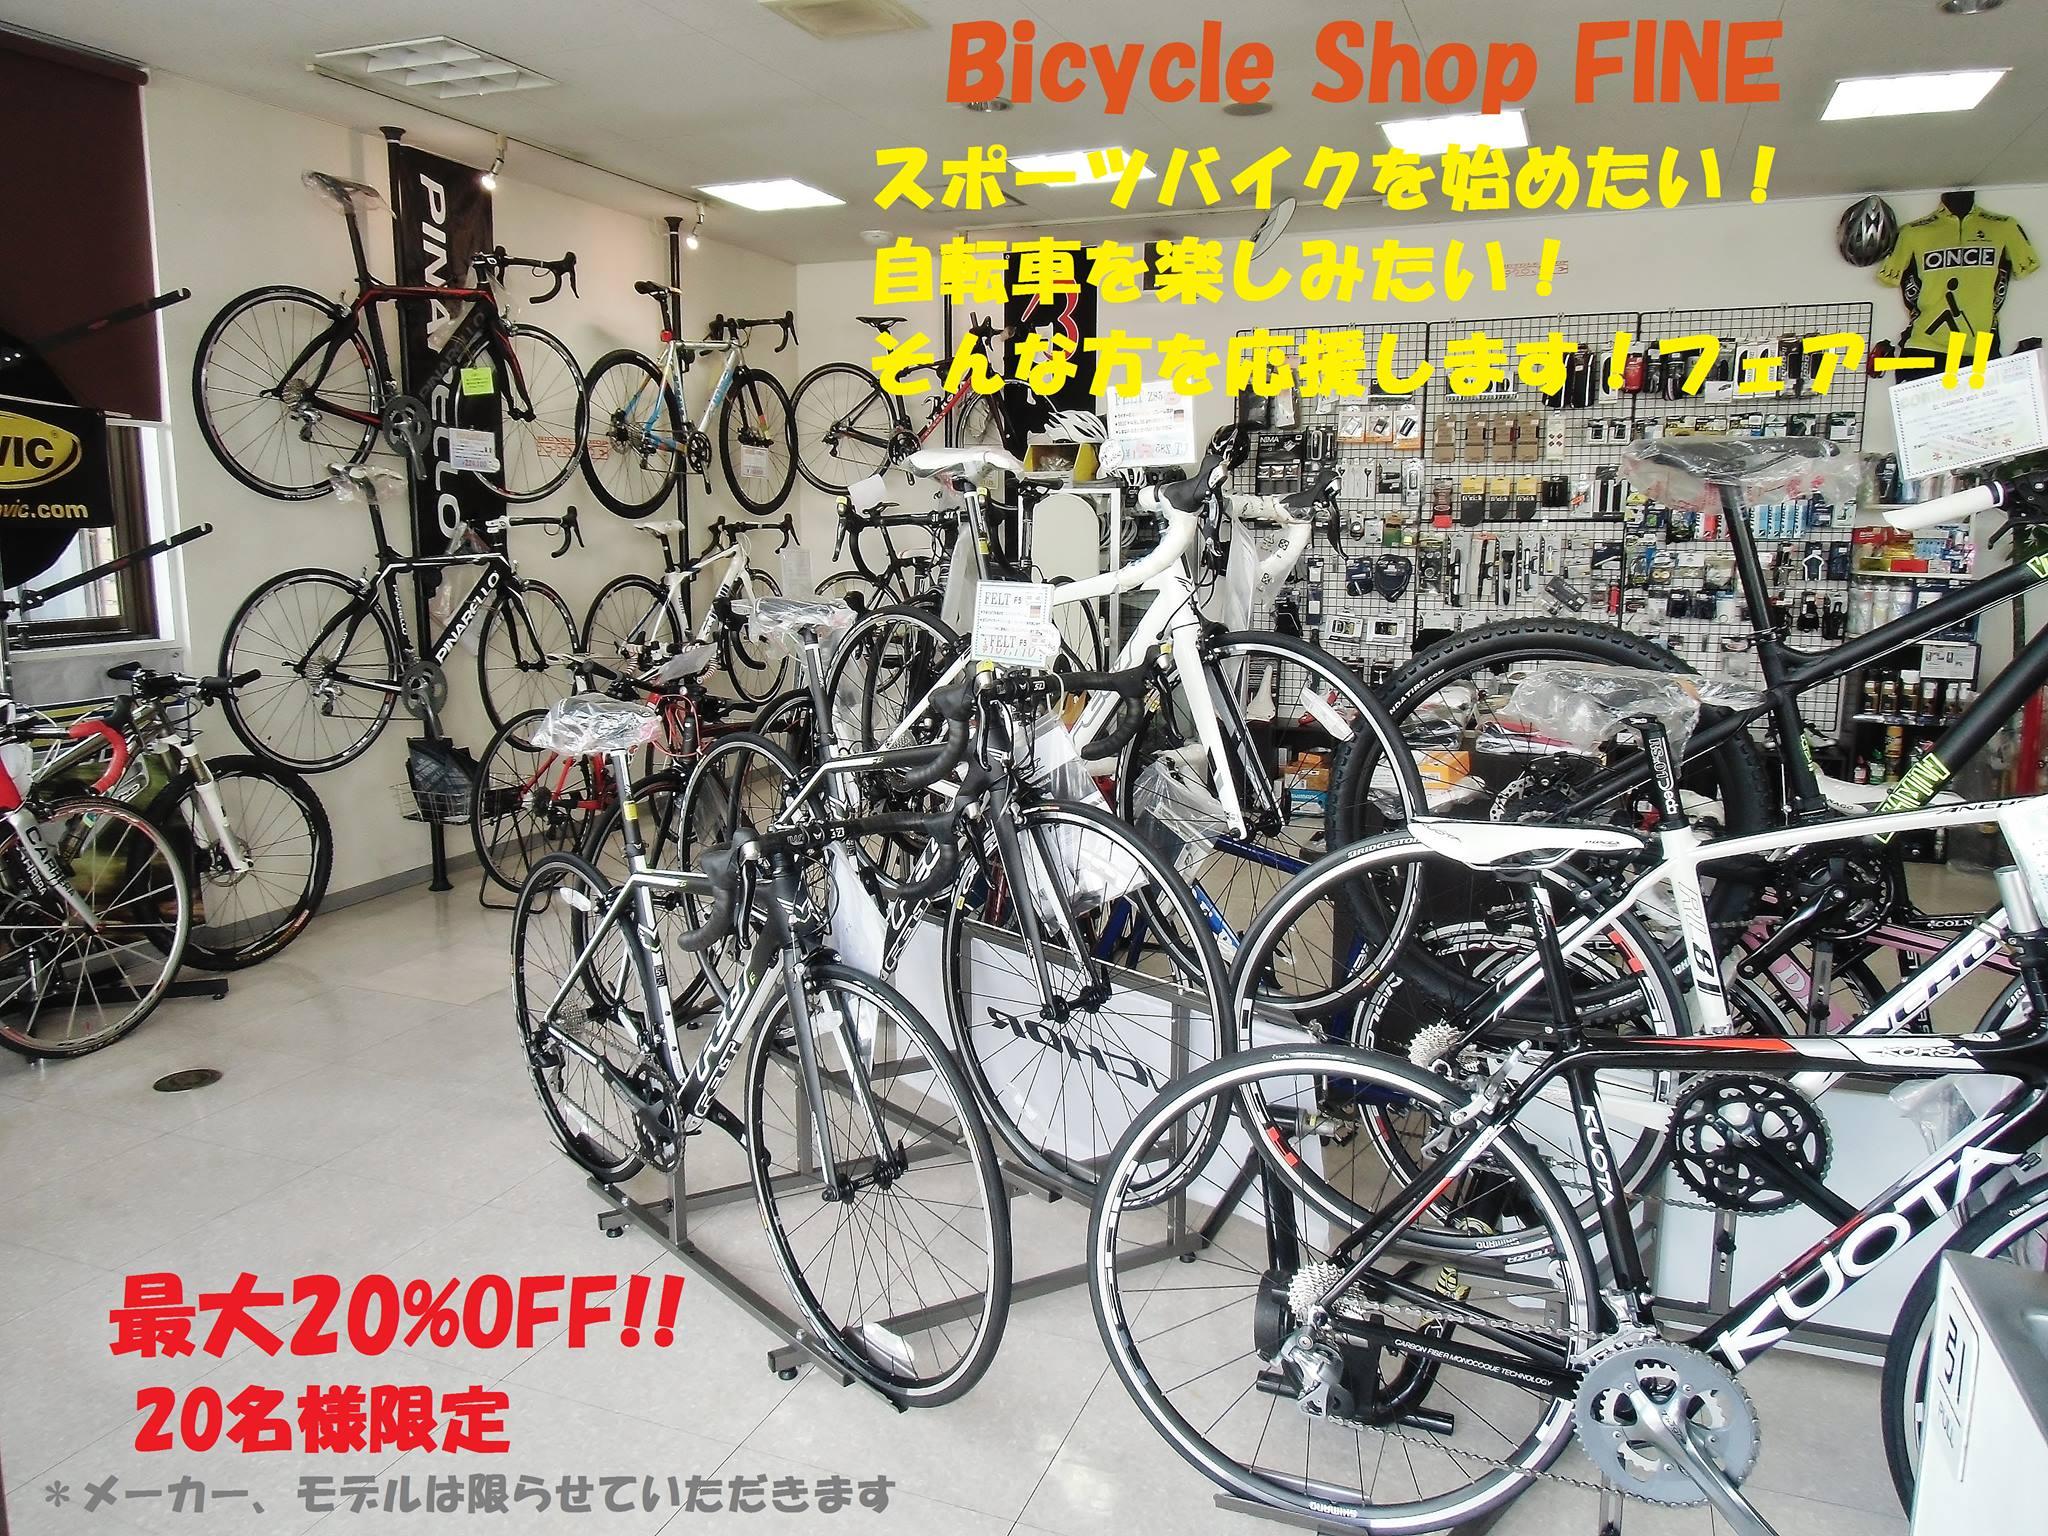 2014年モデル ロードバイク MTB クロスバイク スポーツバイクを始めたい